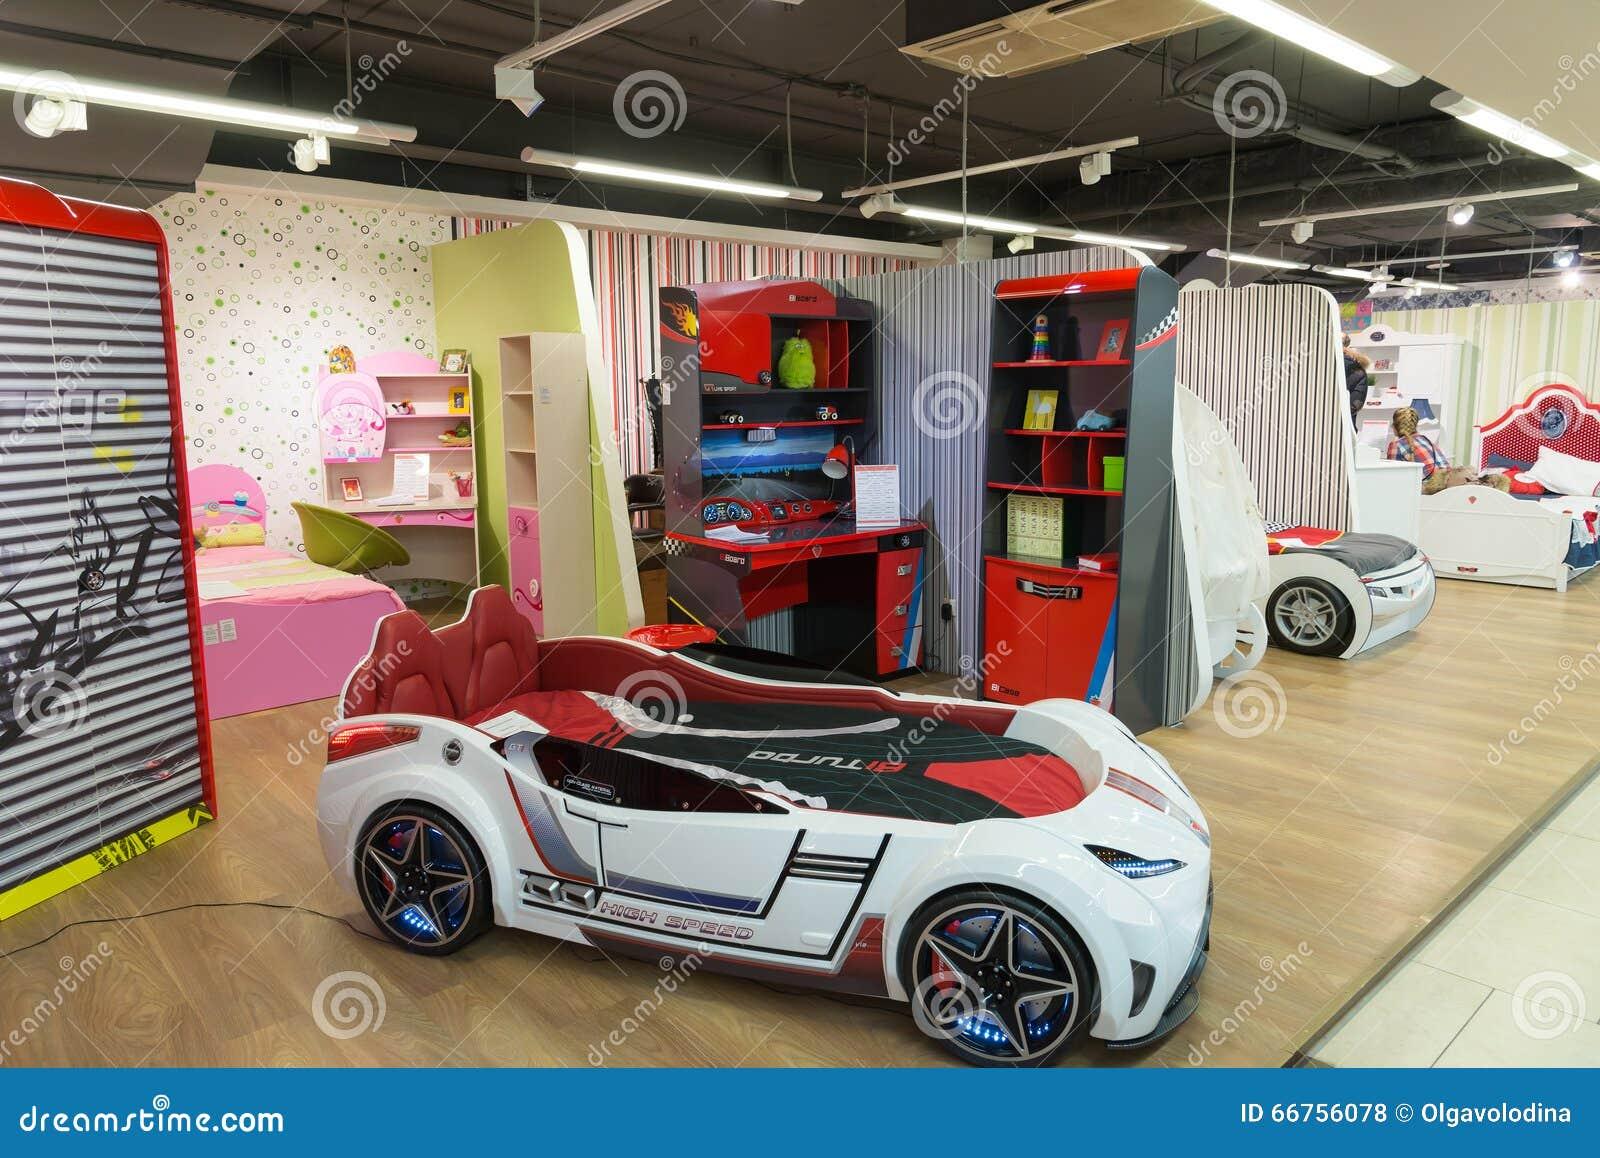 Letto per bambini a forma di macchina n63 letto per - Letto macchina per bambini ...